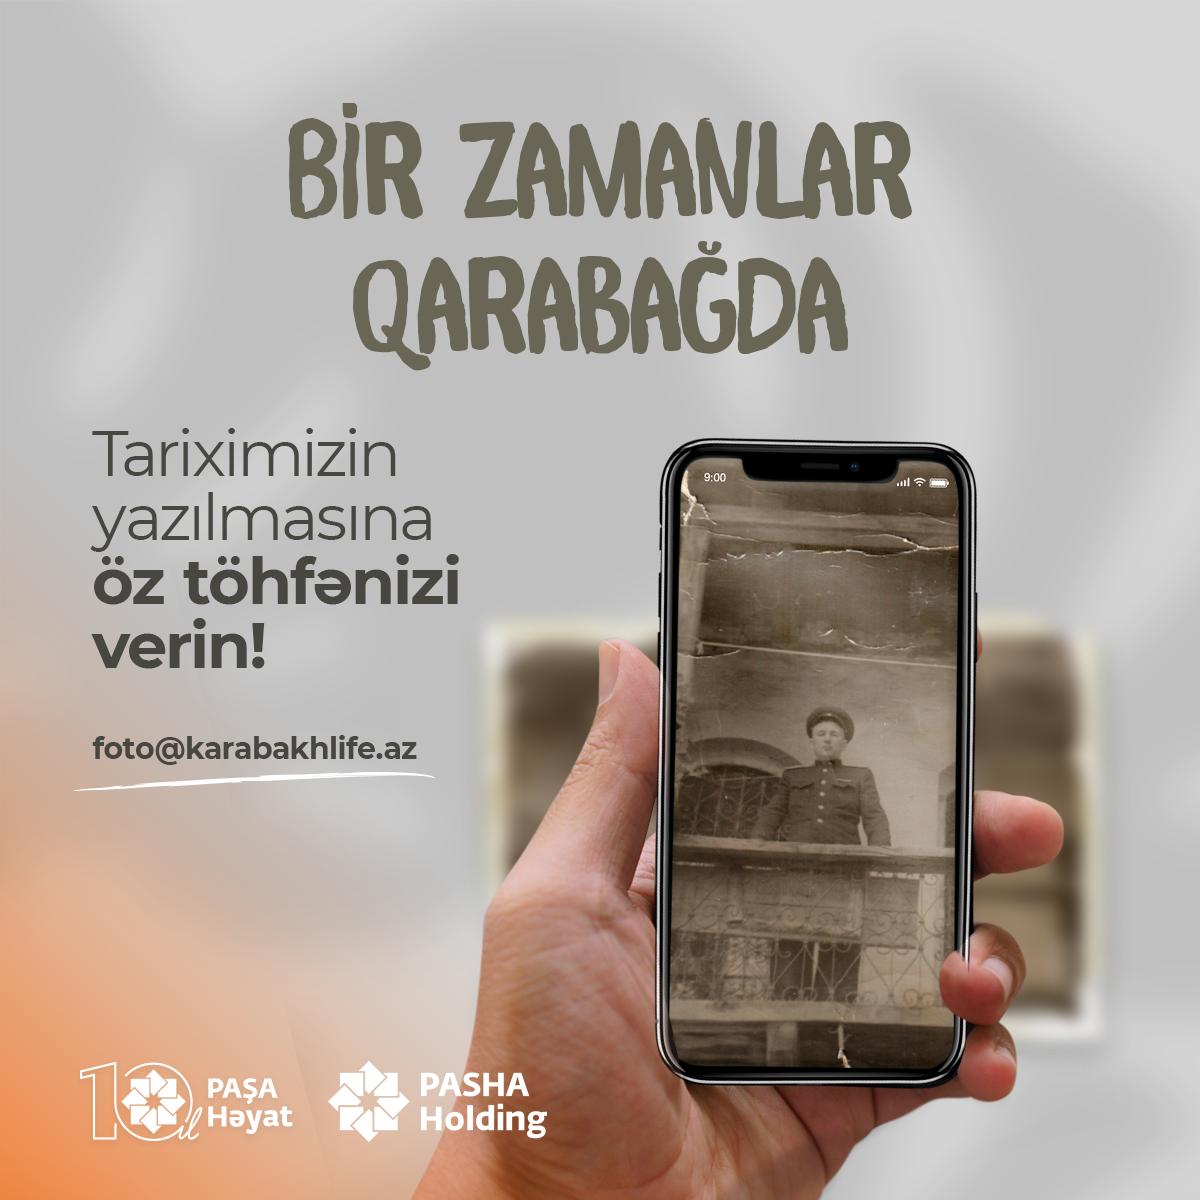 Фотобанк, посвященный Карабаху и Шехидам, будет доступен в ближайшее время